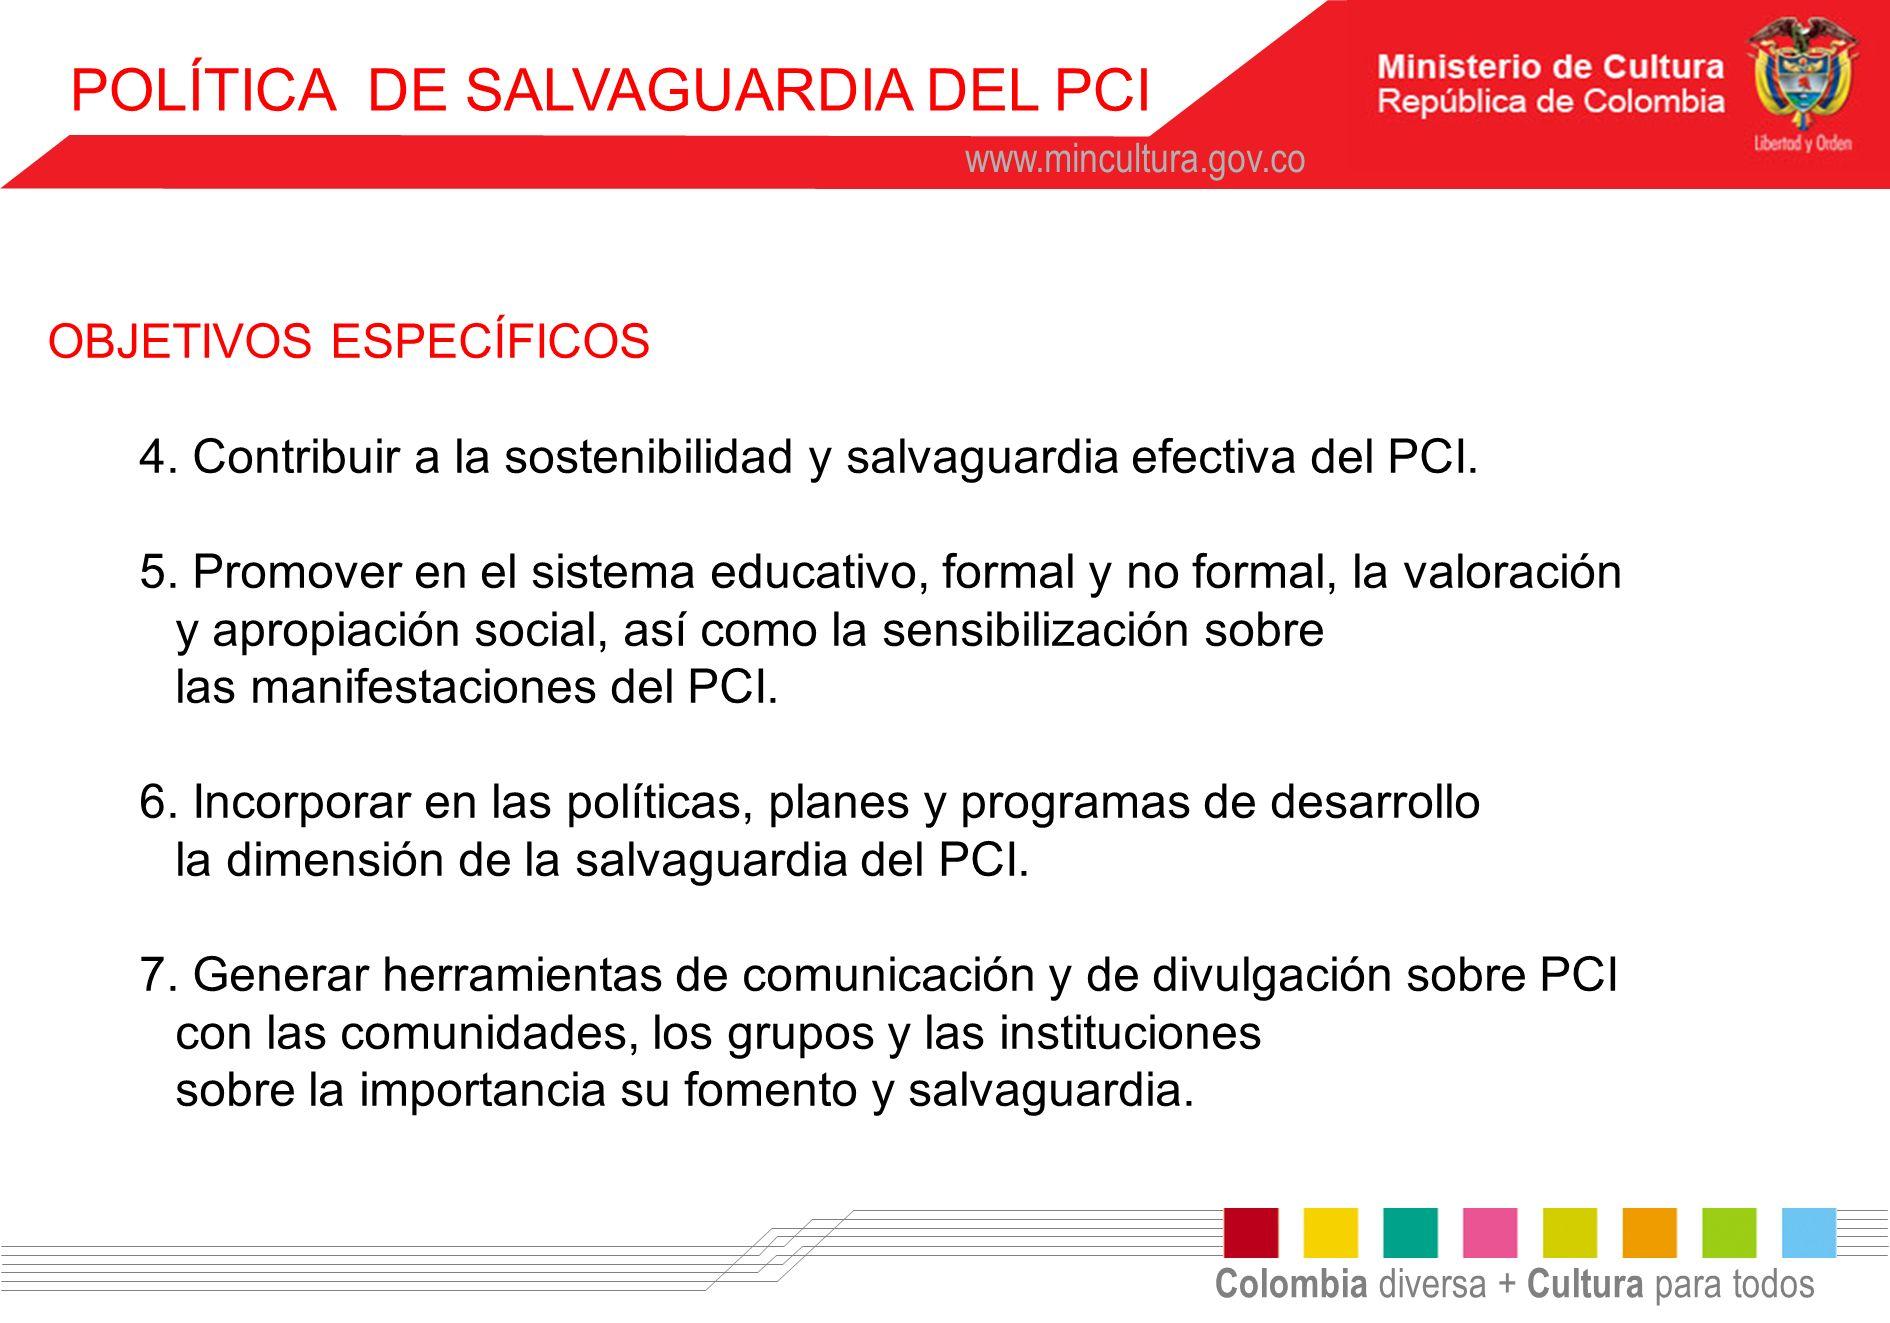 Colombia diversa + Cultura para todos www.mincultura.gov.co POLÍTICA DE SALVAGUARDIA DEL PCI OBJETIVOS ESPECÍFICOS 4. Contribuir a la sostenibilidad y